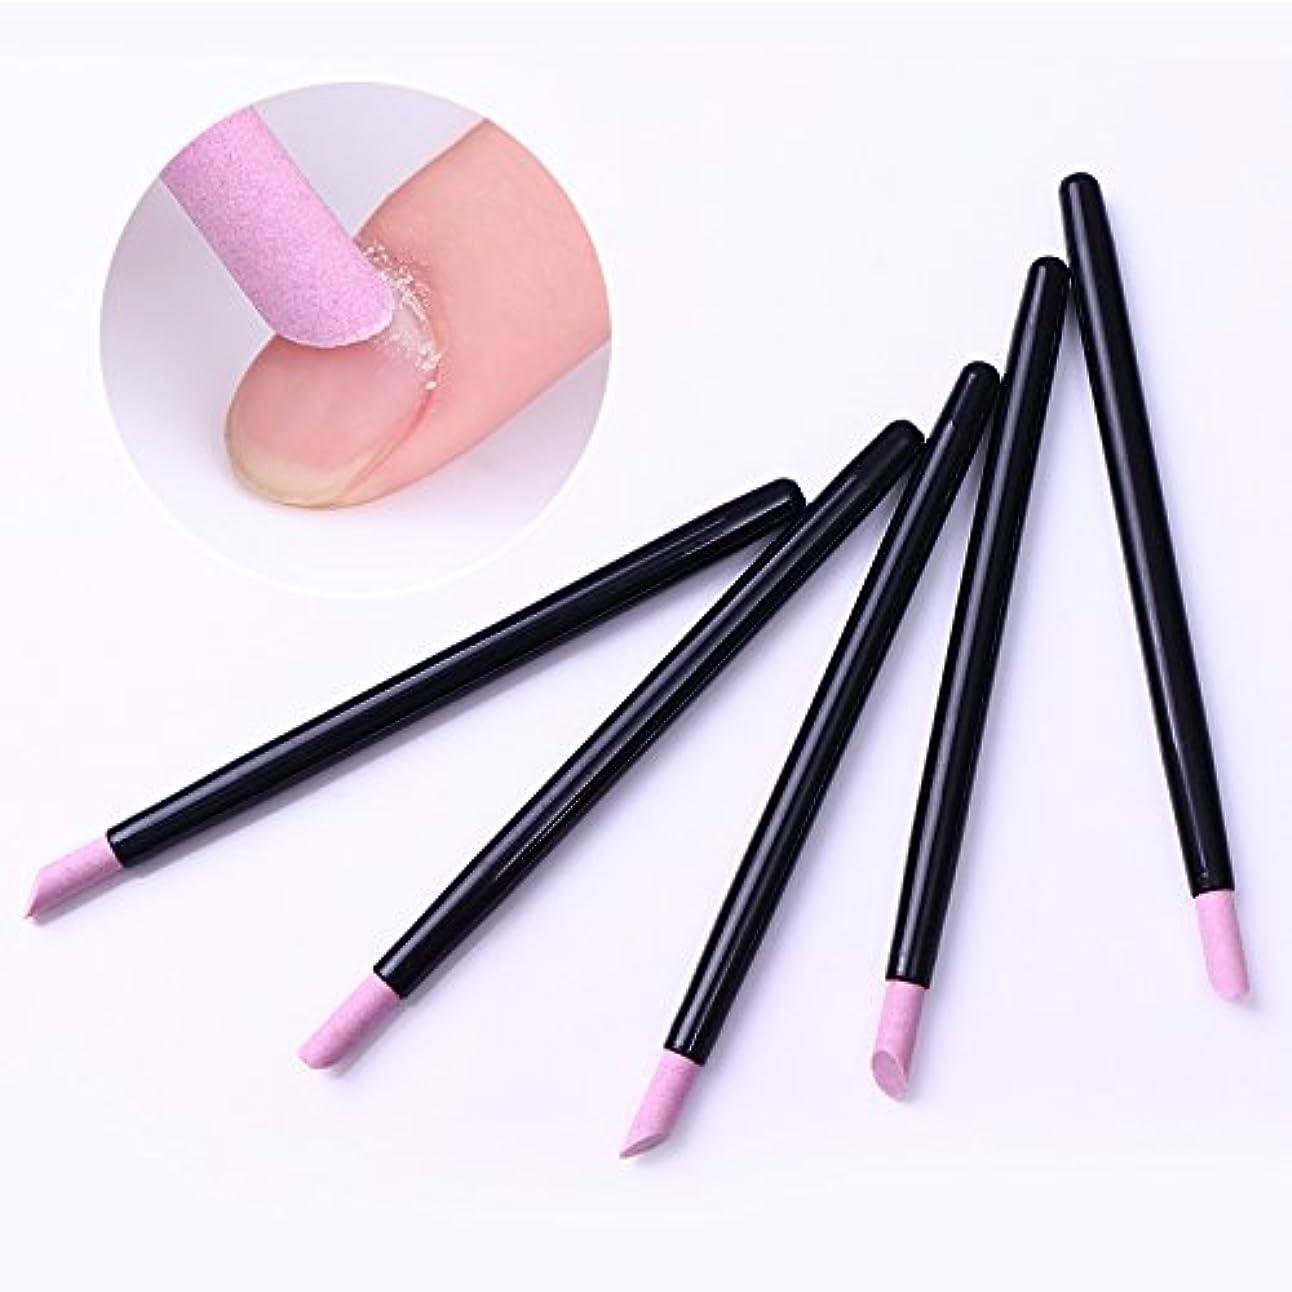 すべき正規化ありふれた5Pcs Cuticle Remover Pusher Trimmer Quartz Stone Scrub Pen Nail Tool Black Handle Manicure Nail Care Tool キューティクルリムーバープッシャートリマークォーツストーンスクラブペンネイルツールブラックハンドルマニキュアネイルケアツール